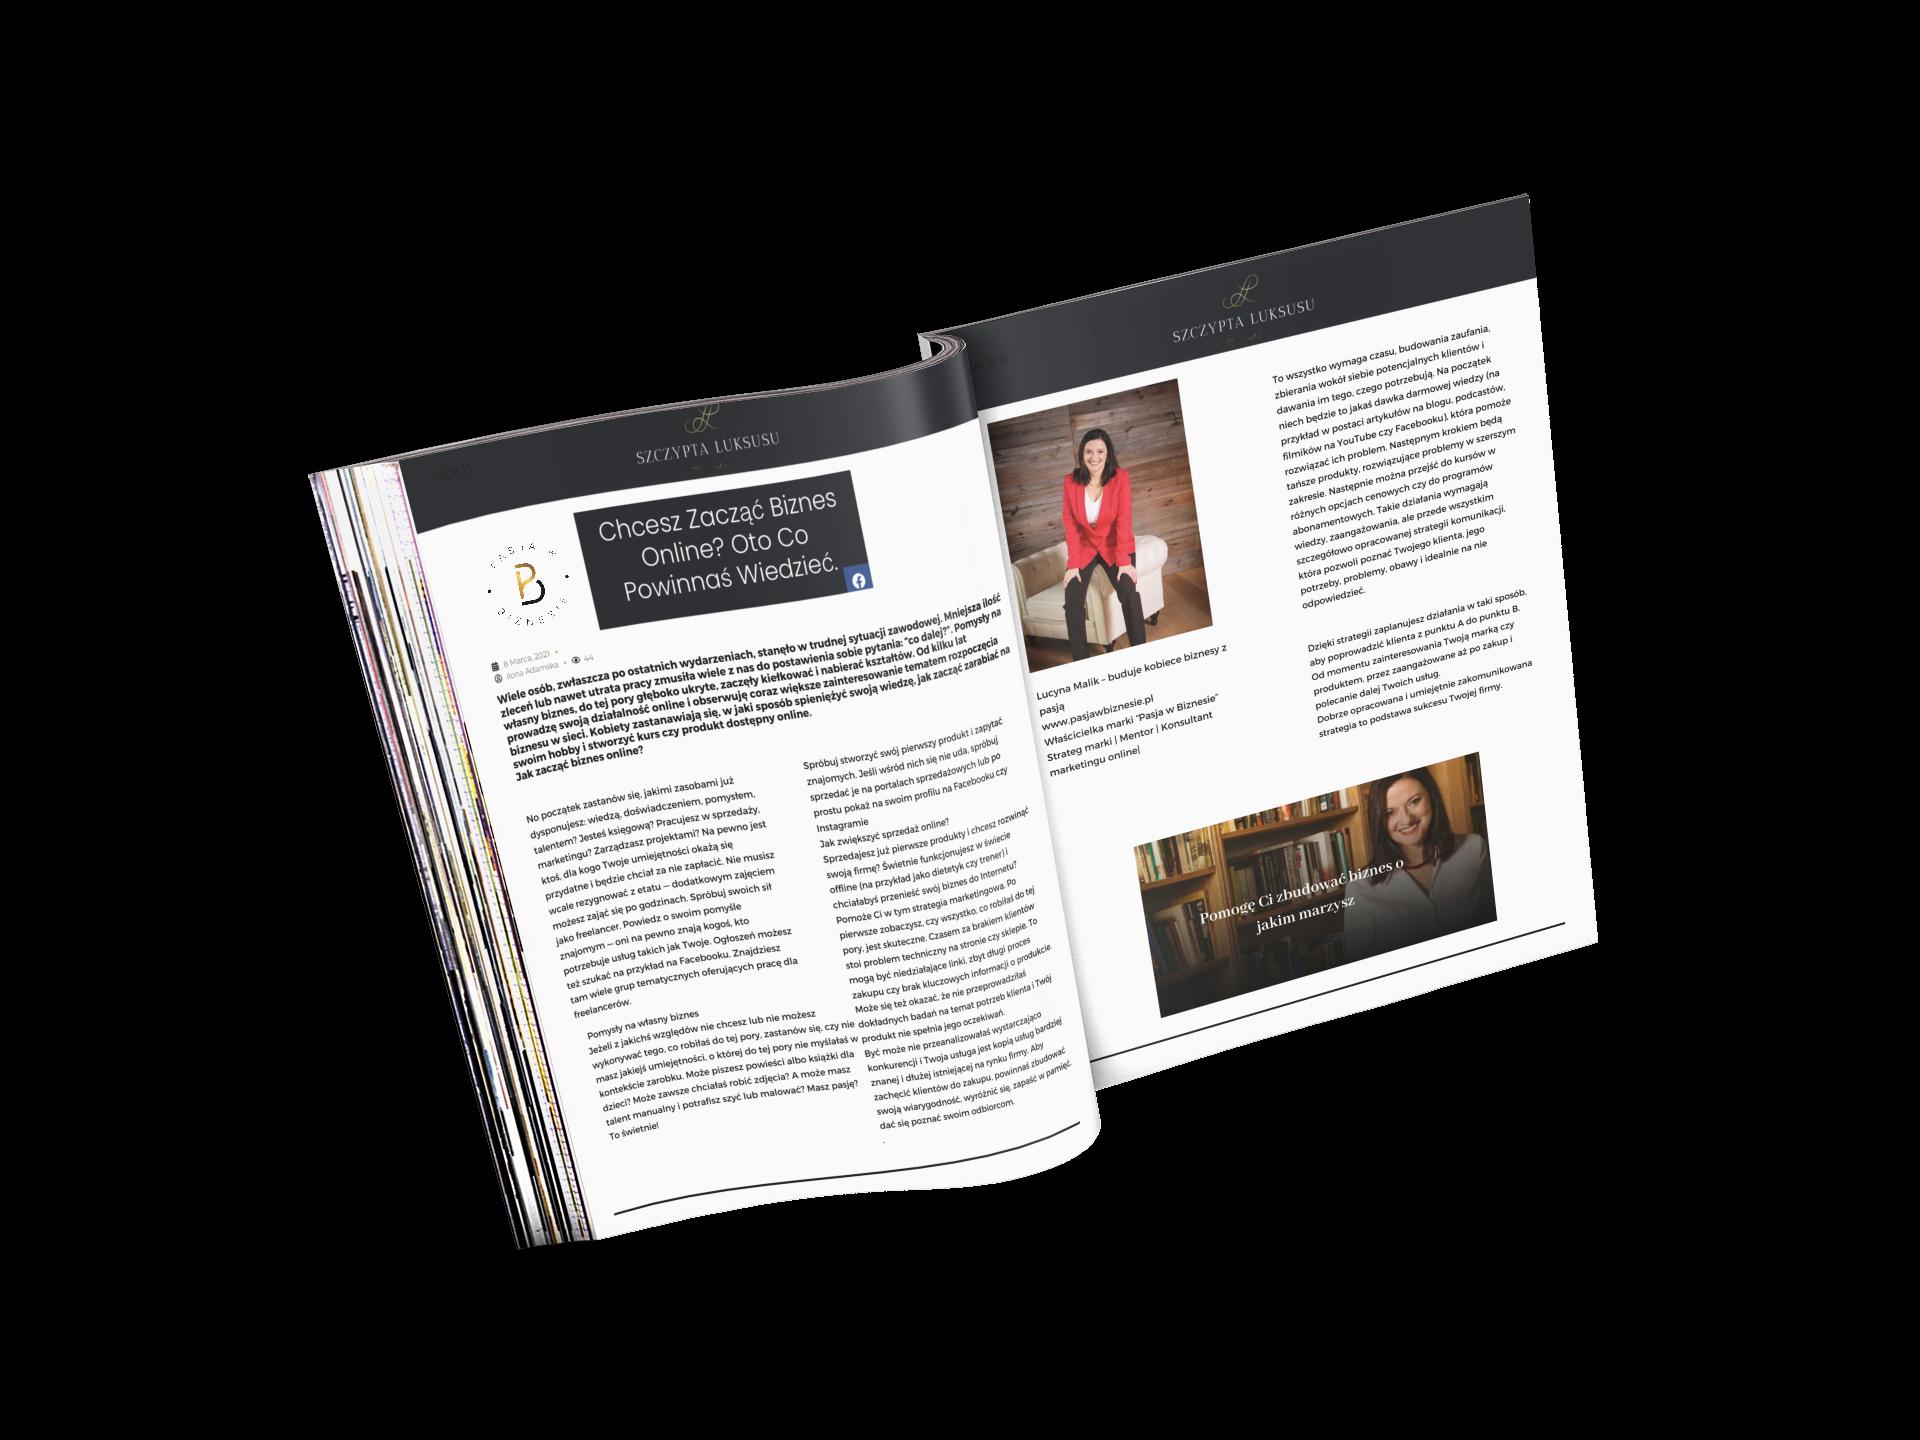 Szczypta luksusu Chcesz Zacząć Biznes Online? Oto Co Powinnaś Wiedzieć. 08.03.2021